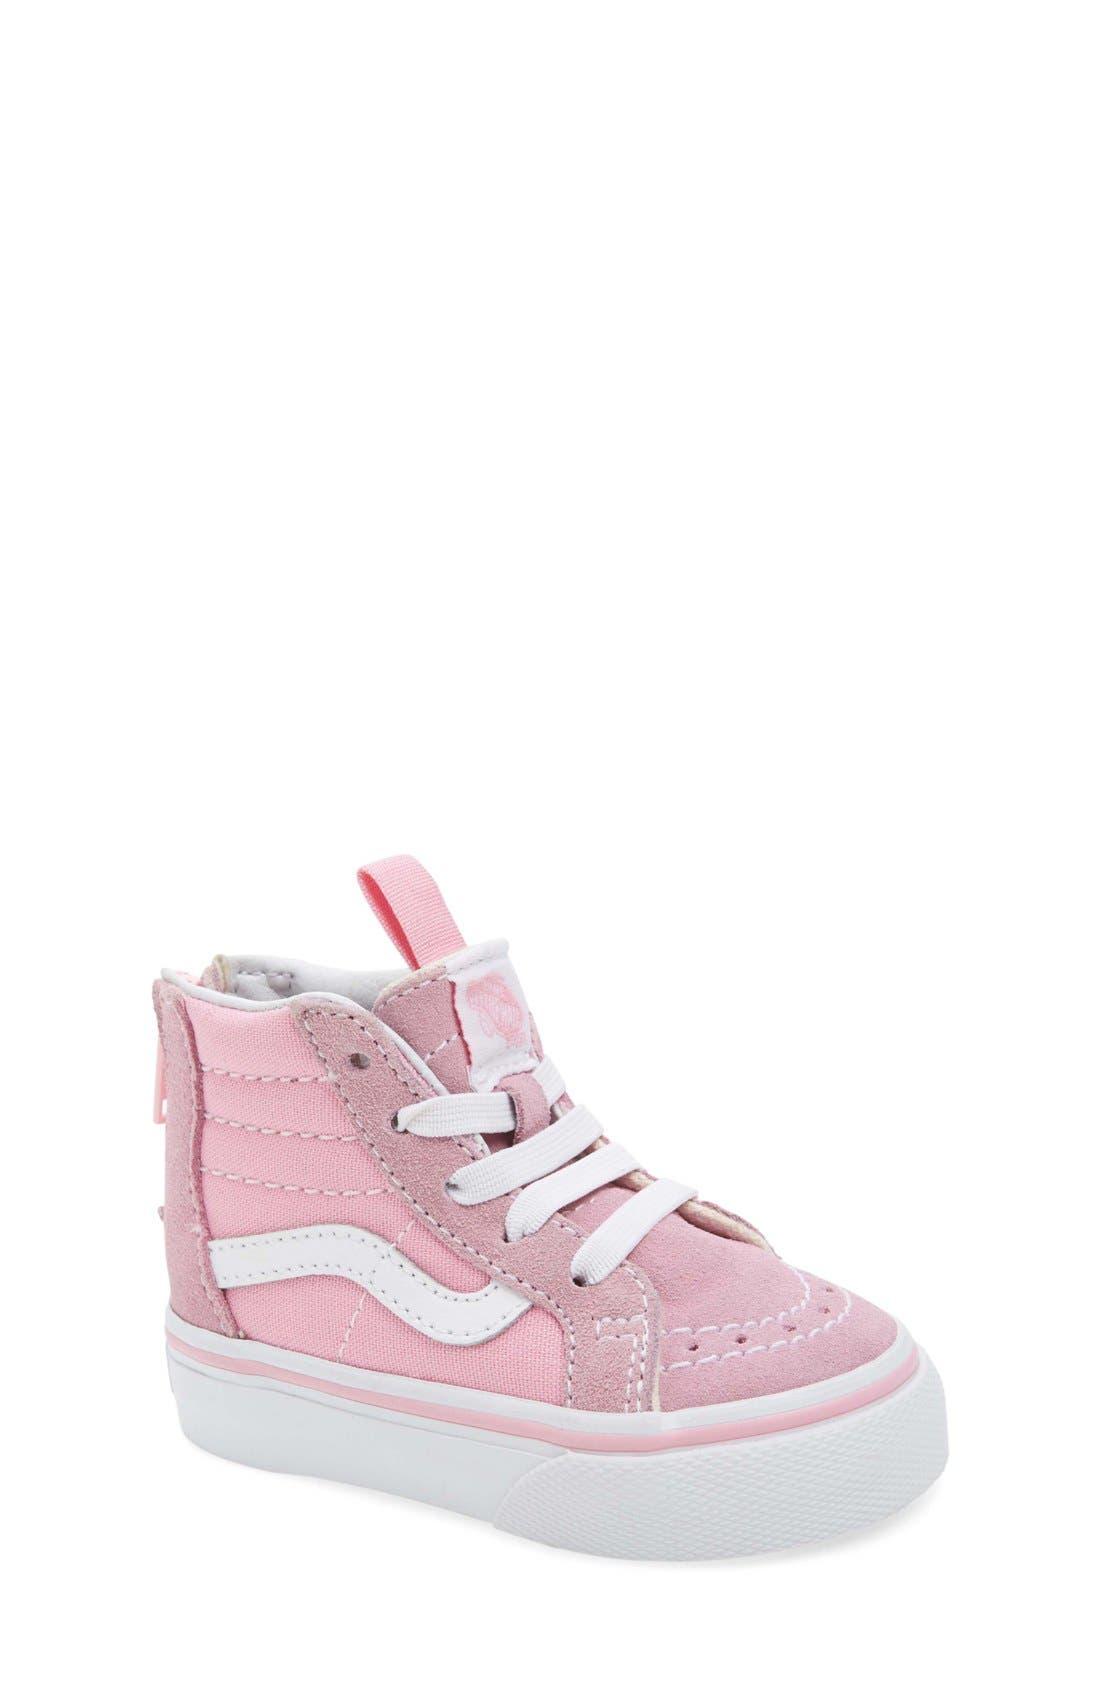 'Sk8-Hi Zip' Sneaker,                             Main thumbnail 1, color,                             PRISM PINK/ TRUE WHITE